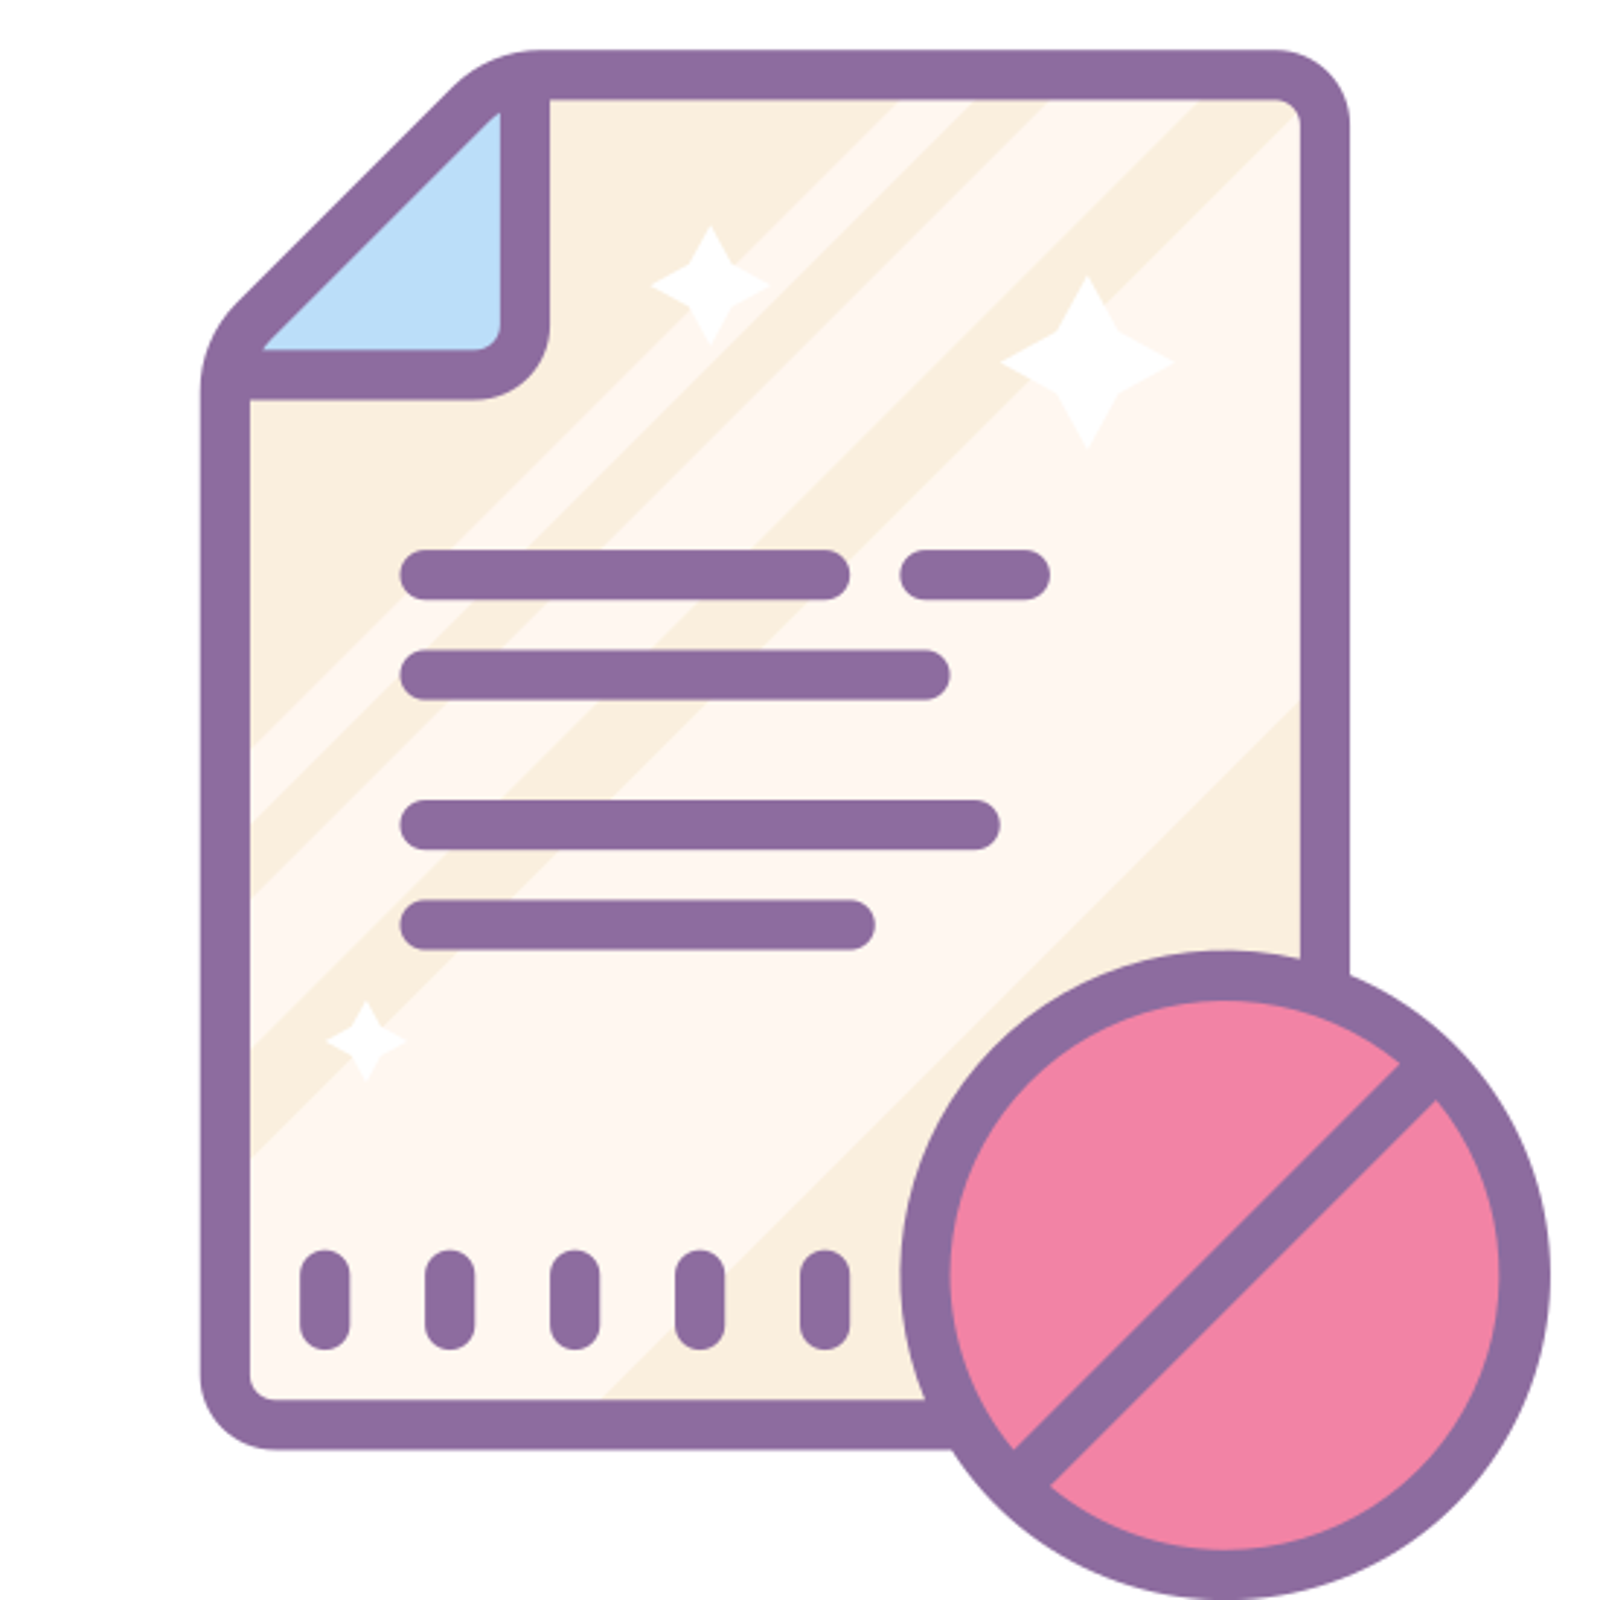 File Delete icon